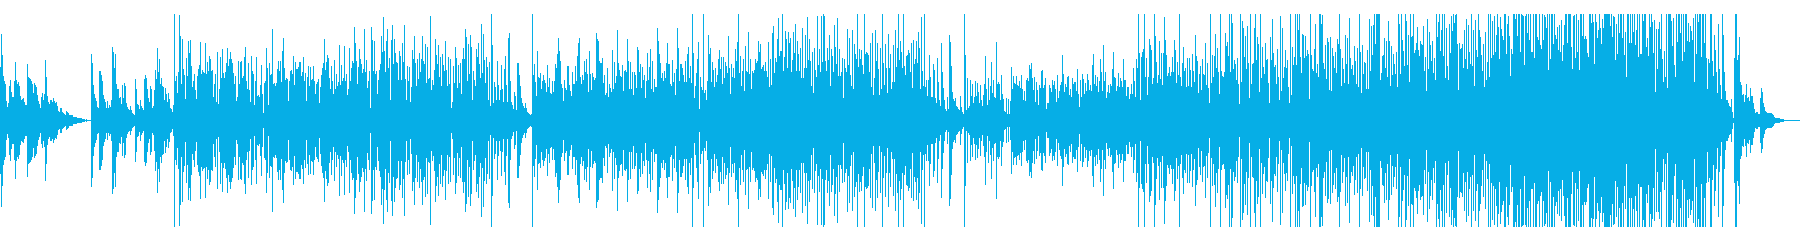 お洒落なピアノの本格的生演奏北欧ジャズの再生済みの波形